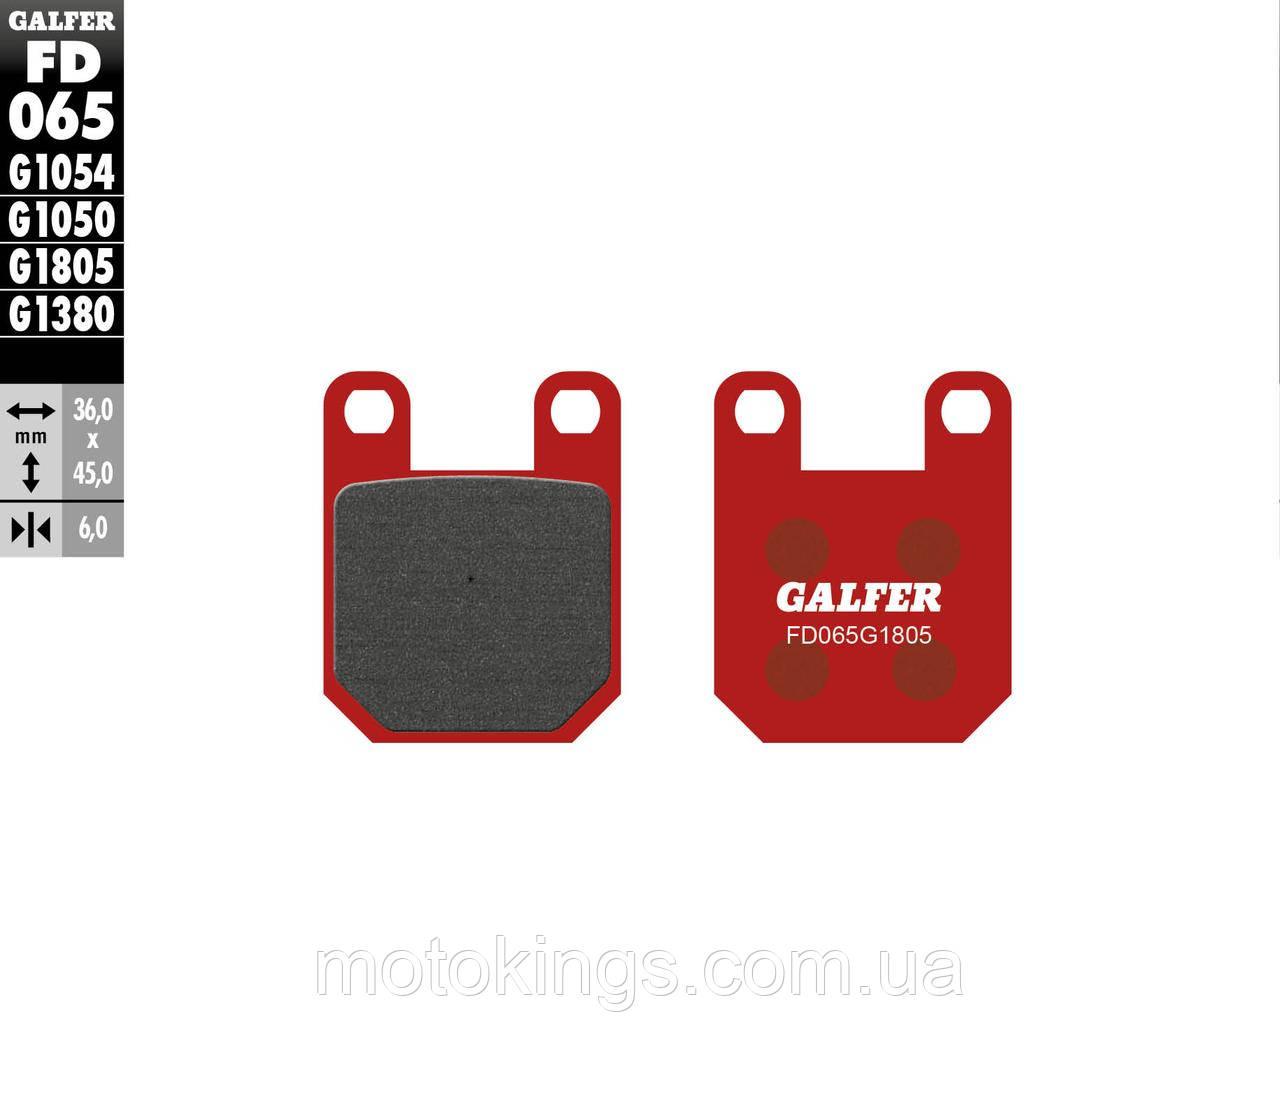 GALFER ТОРМОЗНЫЕ КОЛОДКИ    KH115 TRIAL (FD065G1805)